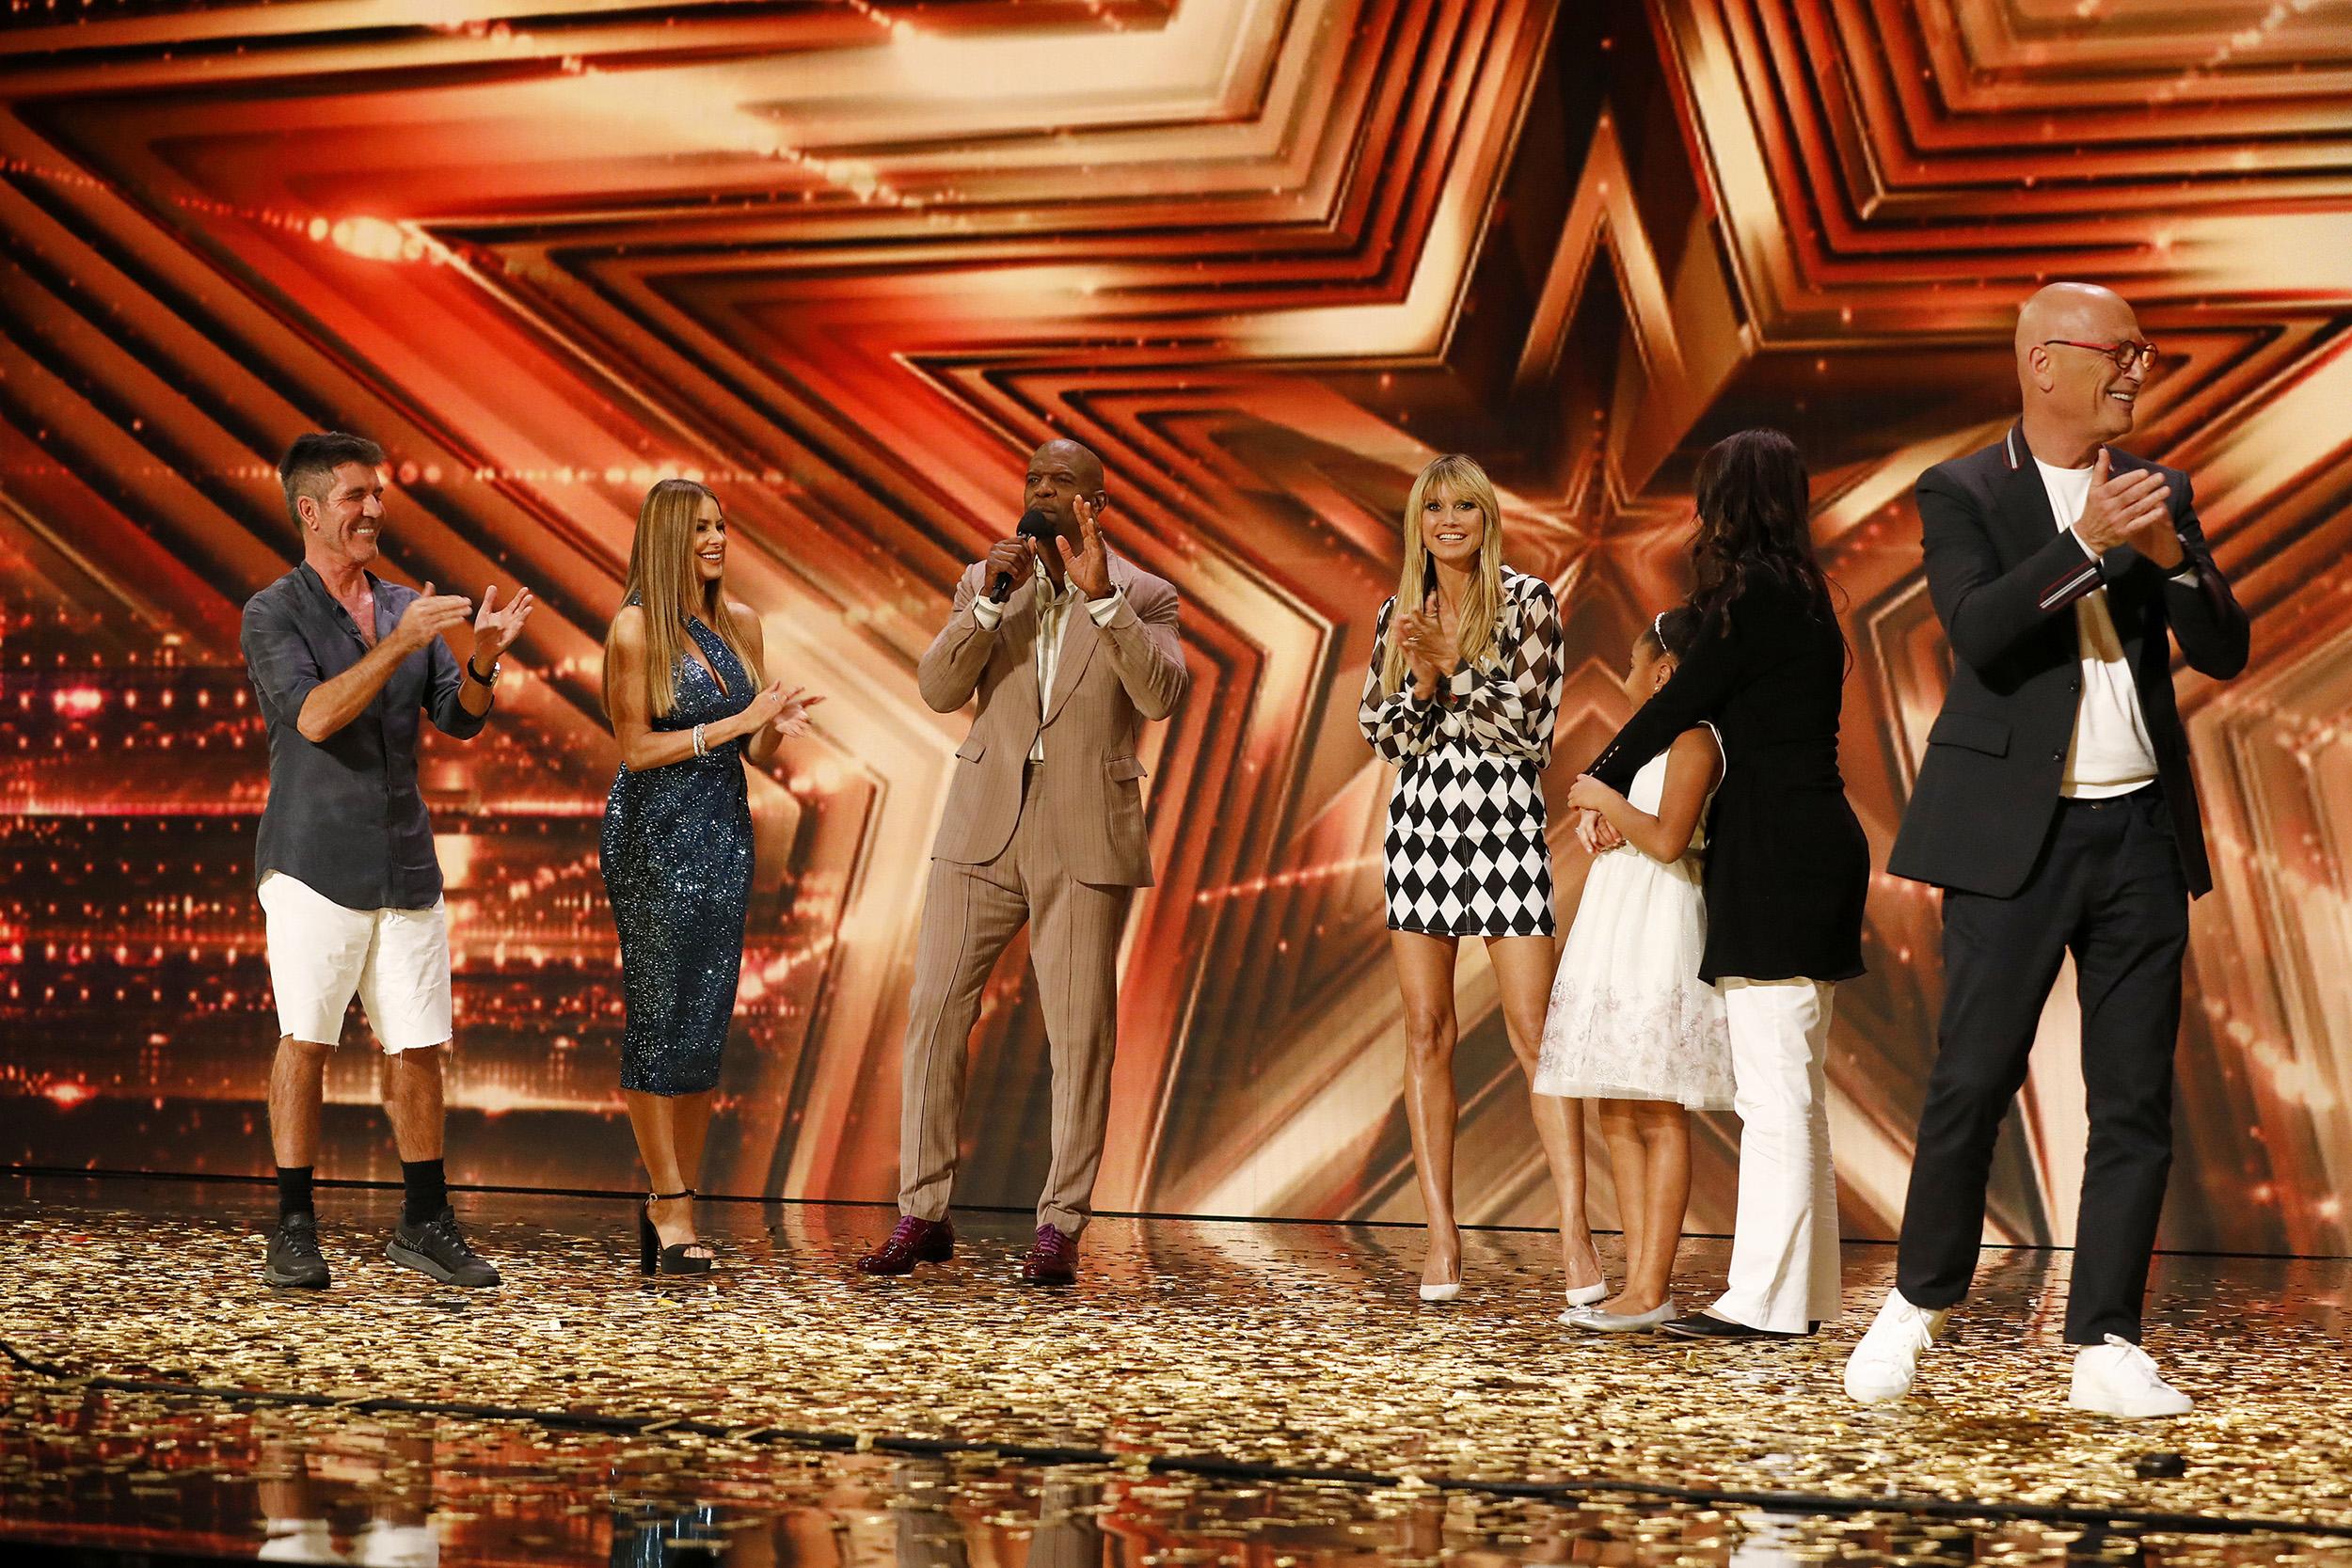 4 giám khảo cùng đứng lên ấn nút chọn cô bé